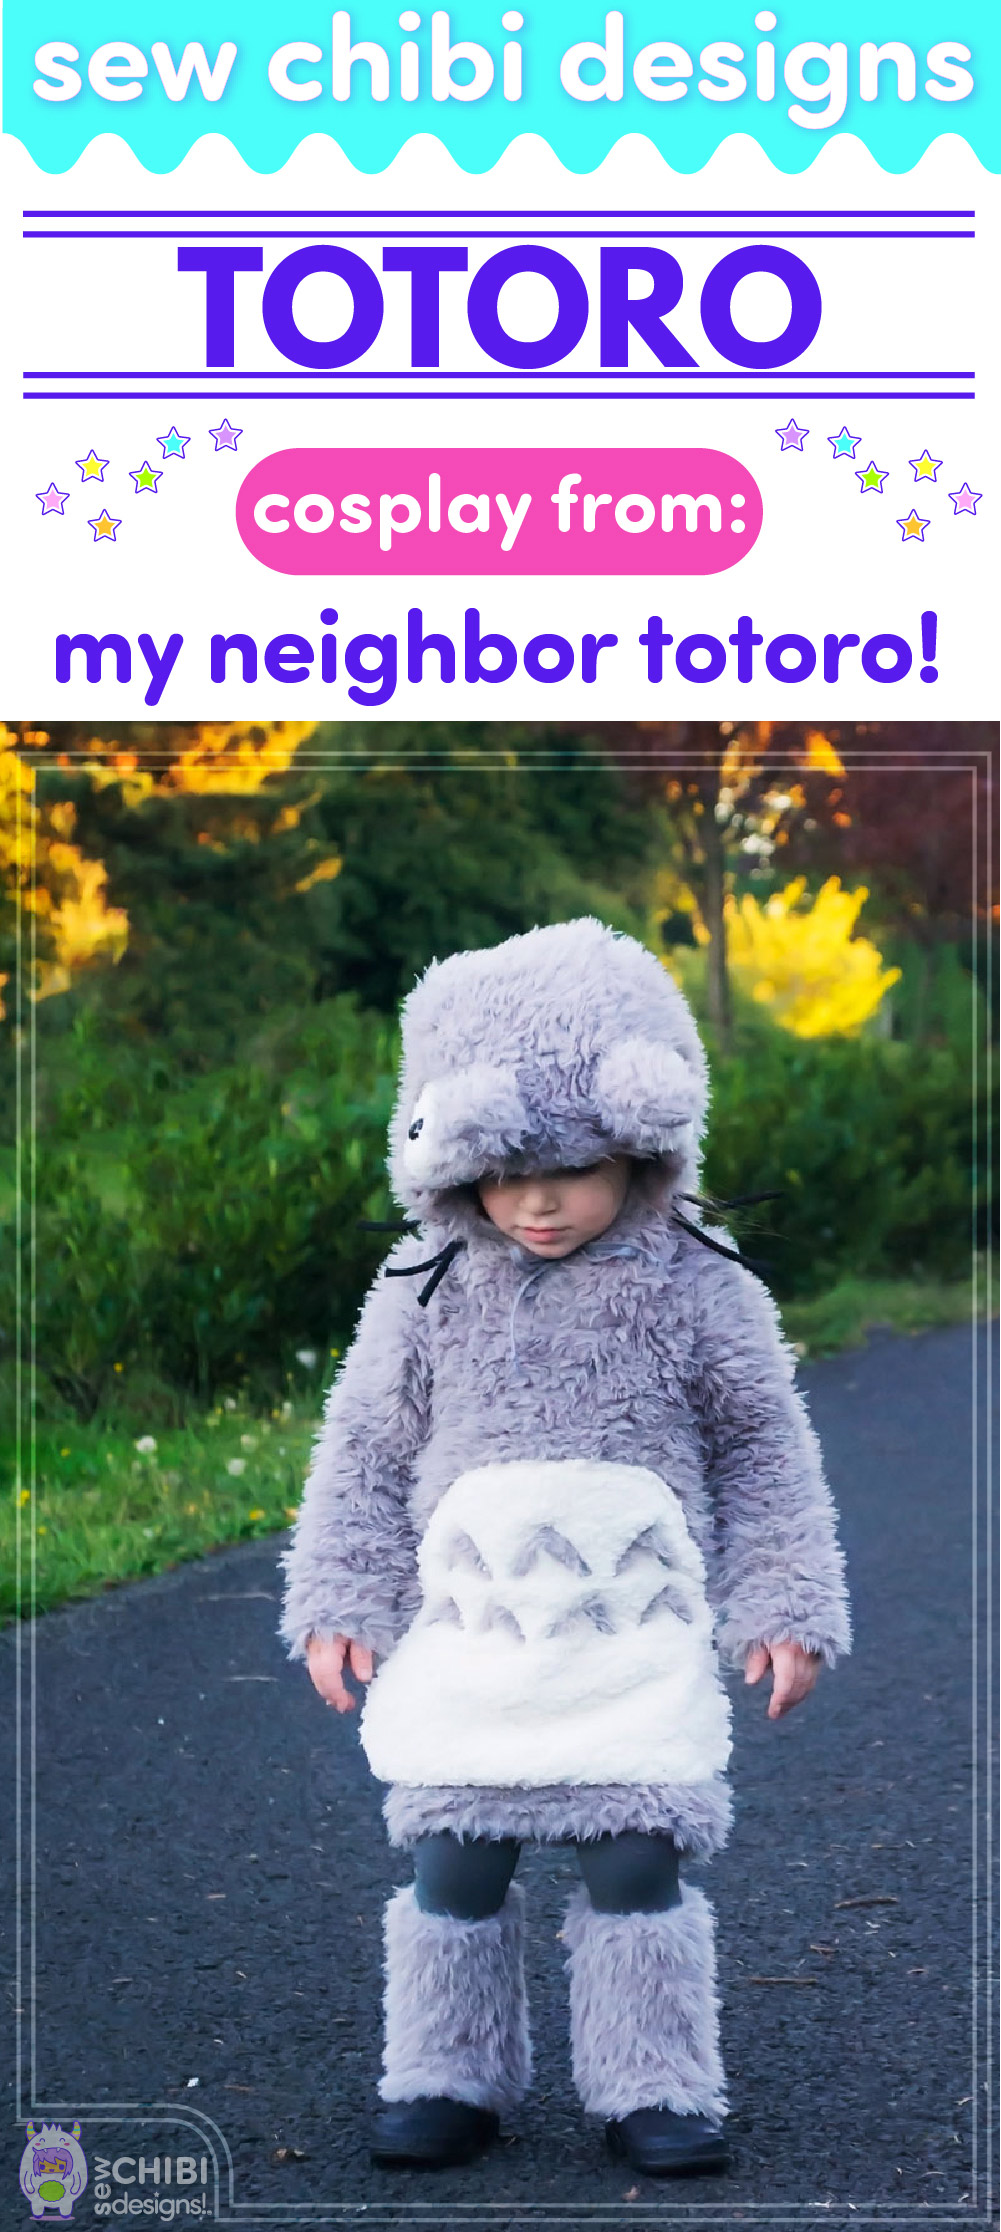 Totoro chibi cosplay from Studio Ghibli's My Neighbor Totoro (Tonari no Totoro となりのトトロ ) sewn by Sew Chibi Designs for Sew Geeky